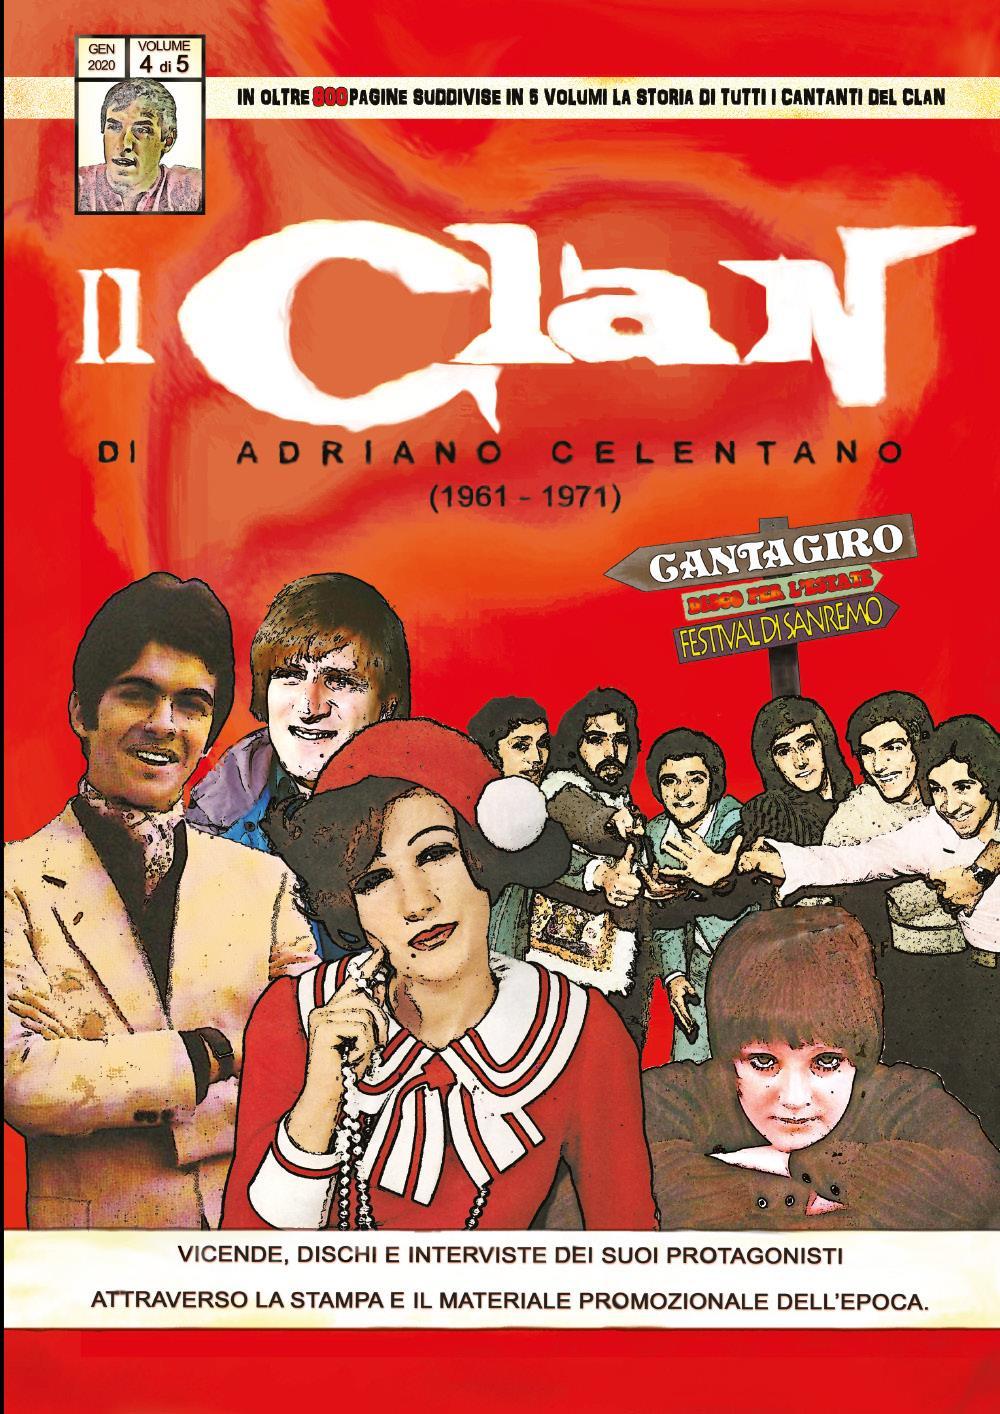 Il Clan di Adriano Celentano (1961 - 1971) Volume 4